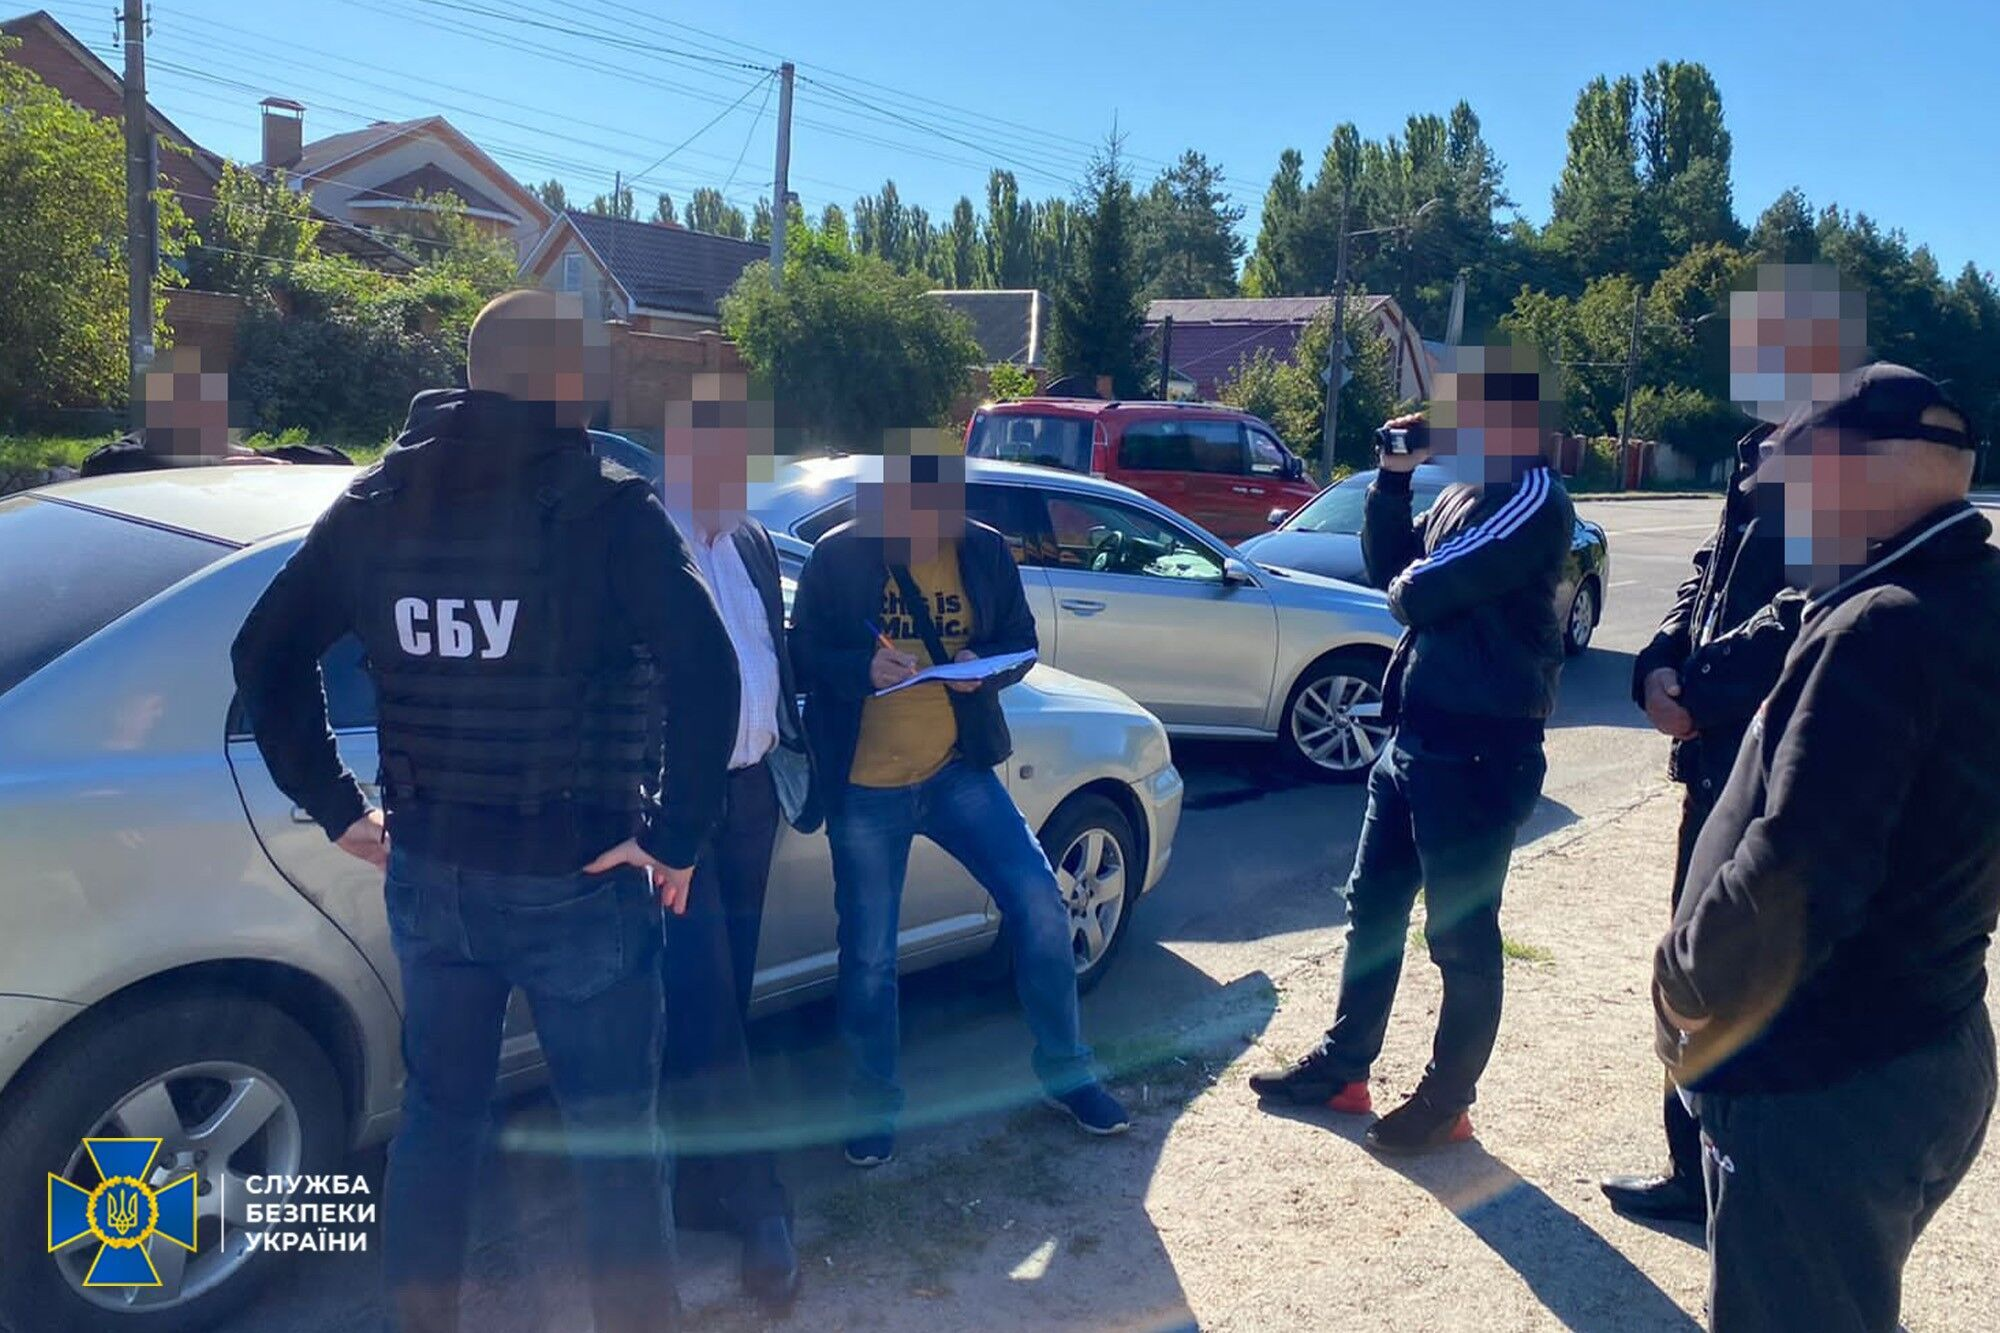 Начальника Летной академии НАУ поймали на взятке – что известно, фото и  видео – Александр Чумак